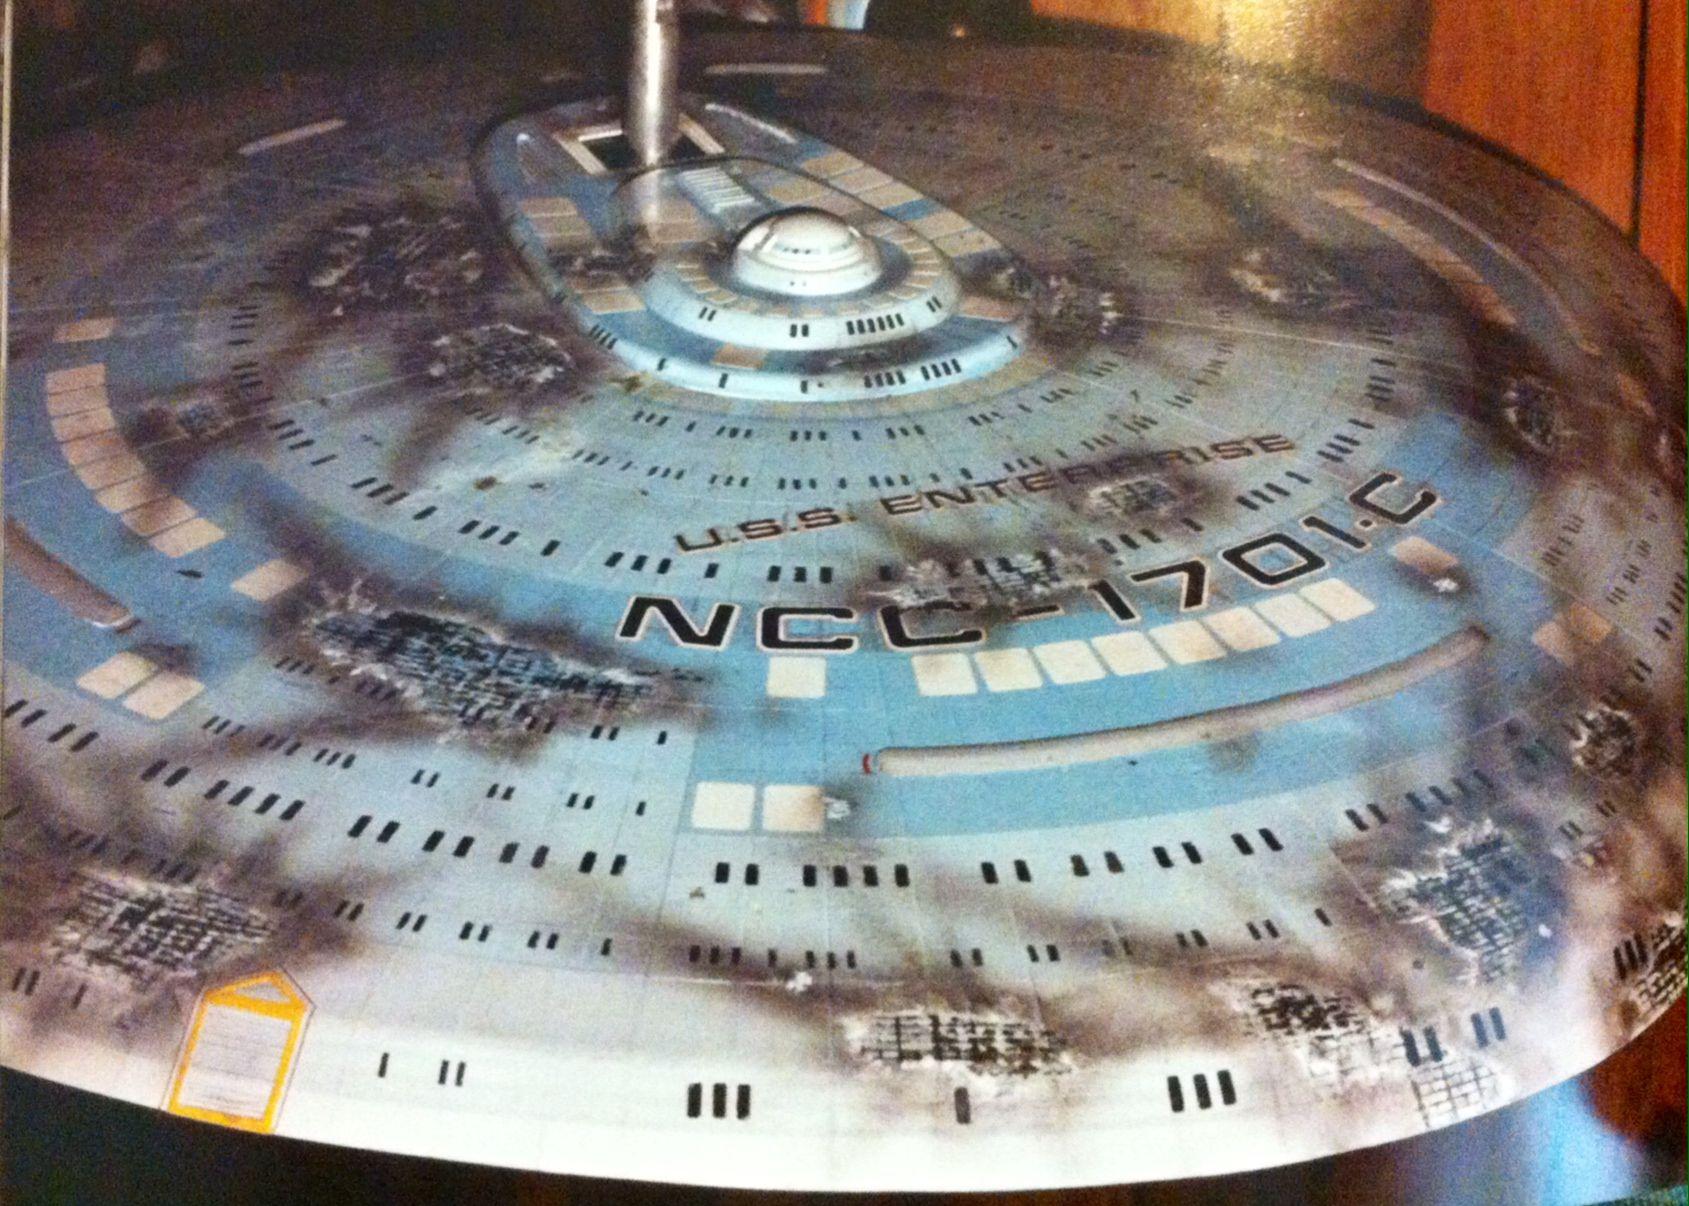 Battle damaged Enterprise C model from Yesterday's Enterprise, 1990.